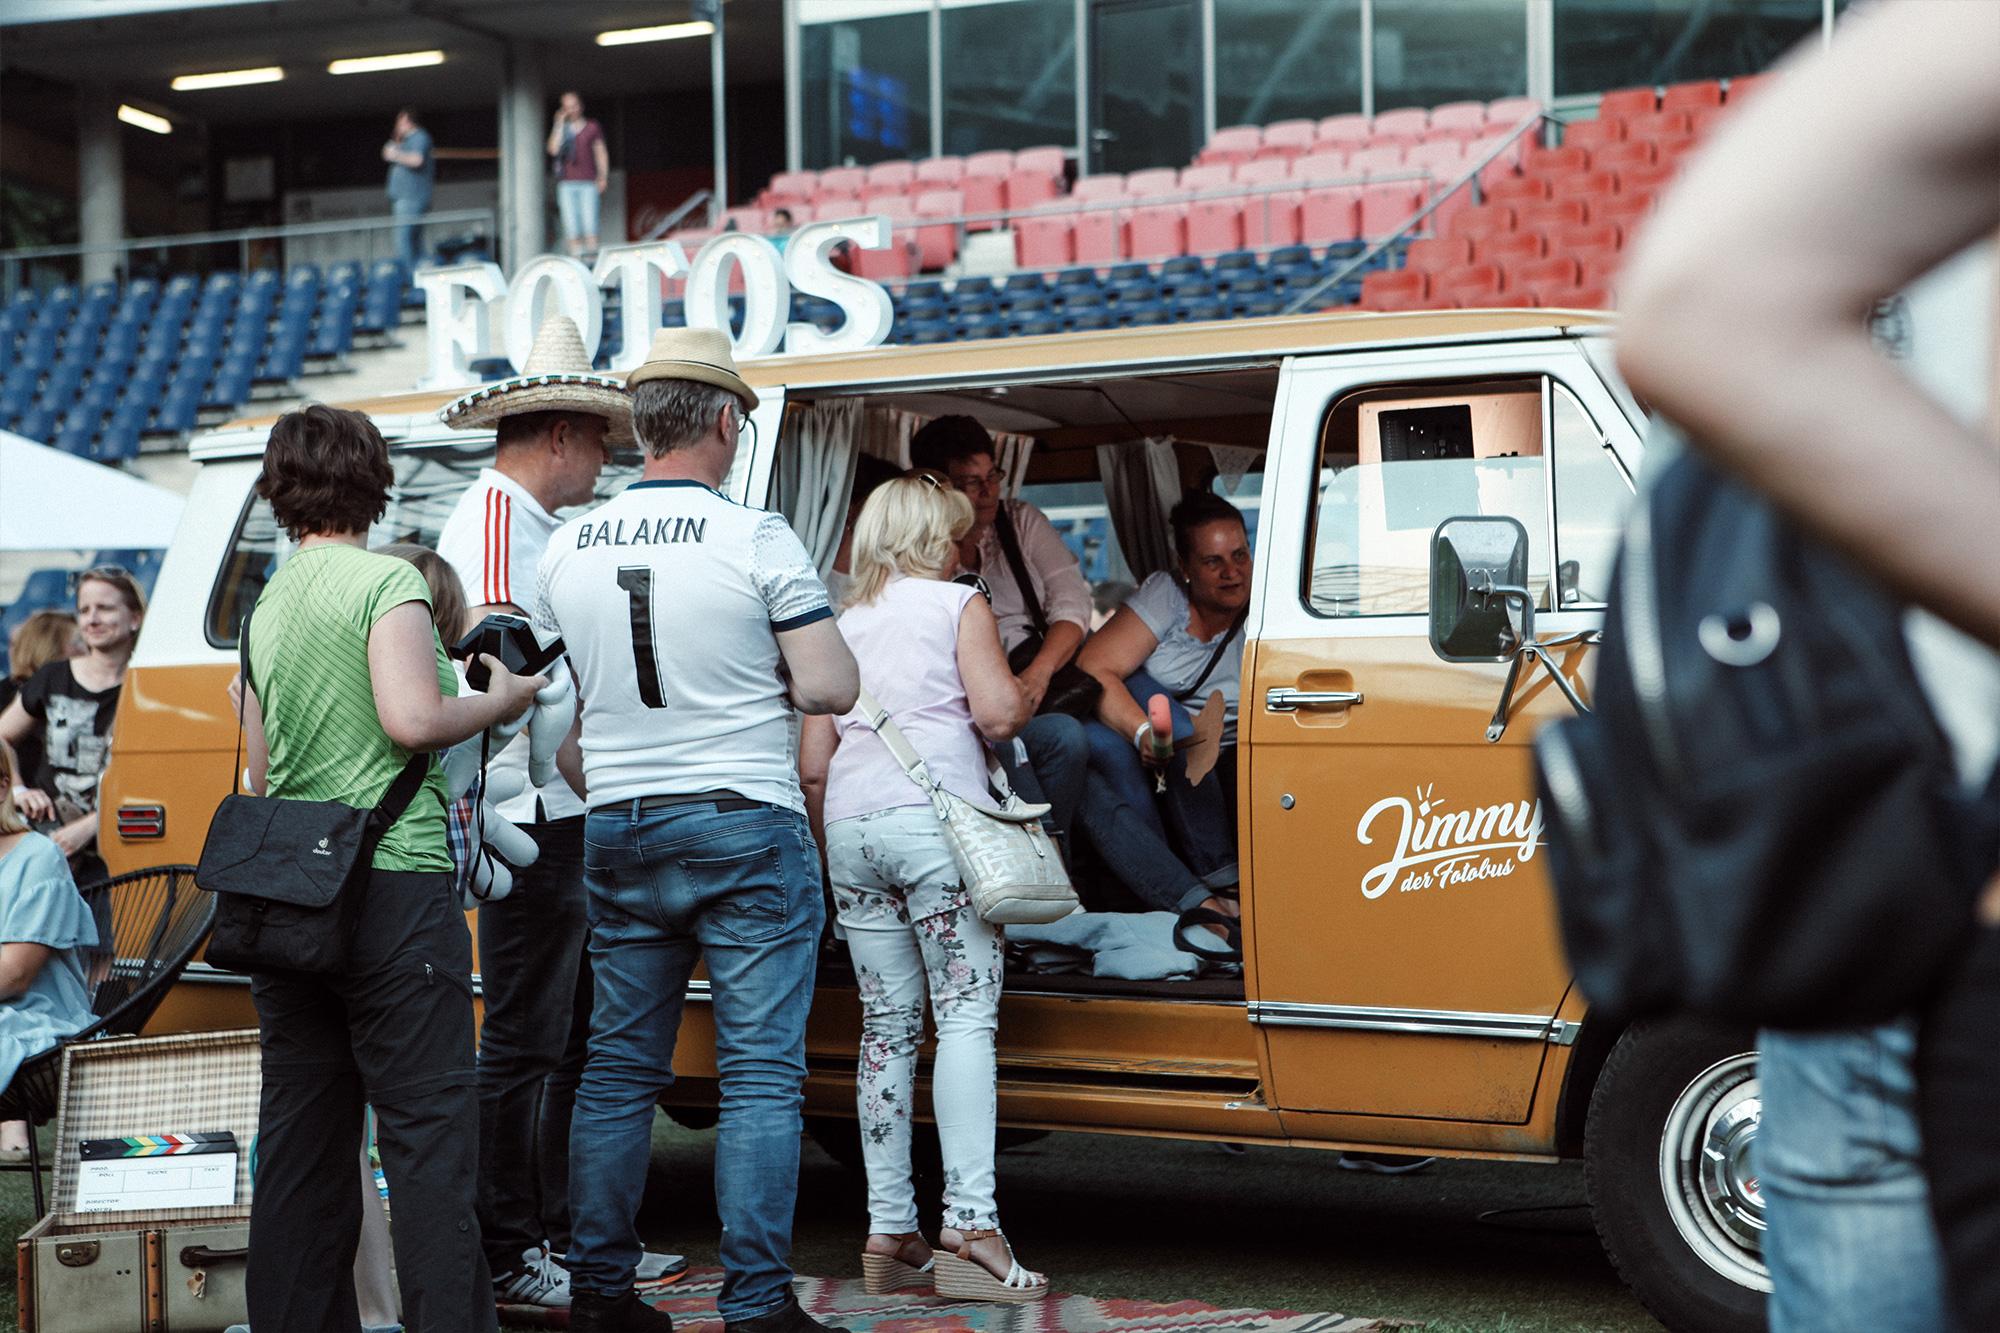 Fotobus-Jimmy-Fotobulli–Hochzeit-Fotobooth-Fotobox-V10.jpg